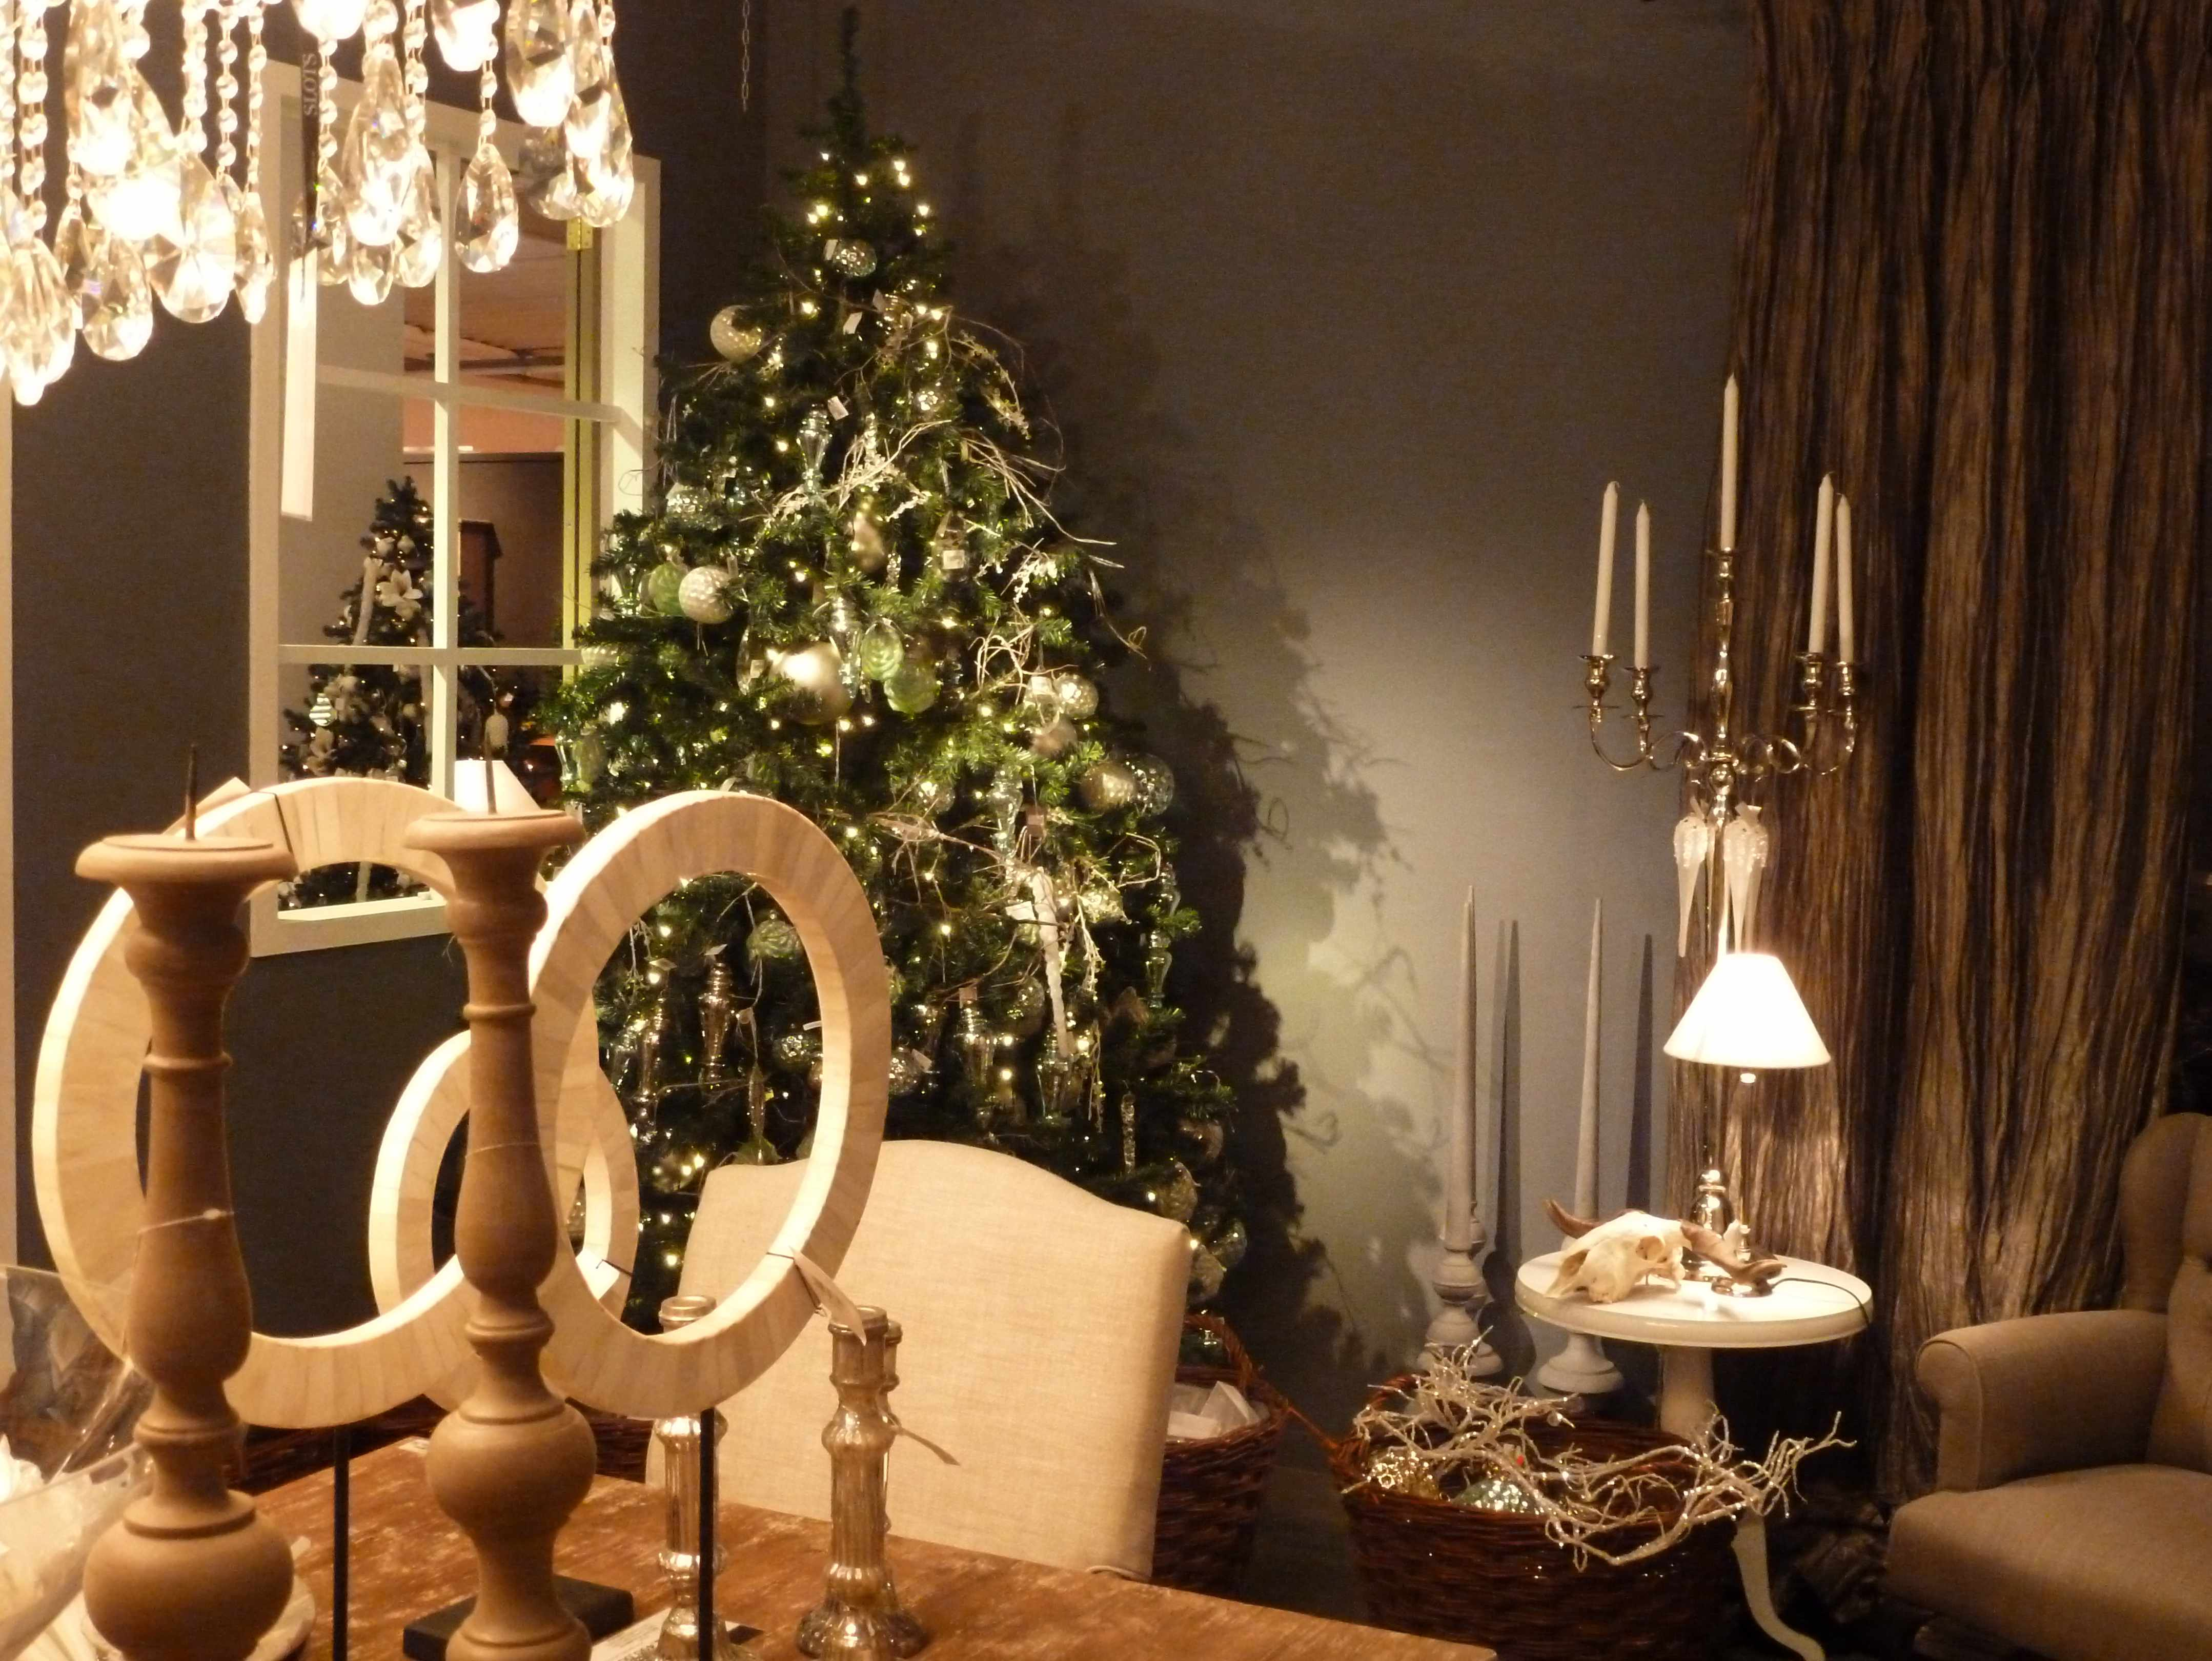 #B18D1A 301 Moved Permanently 5353 decorations de noel bruxelles 4315x3240 px @ aertt.com